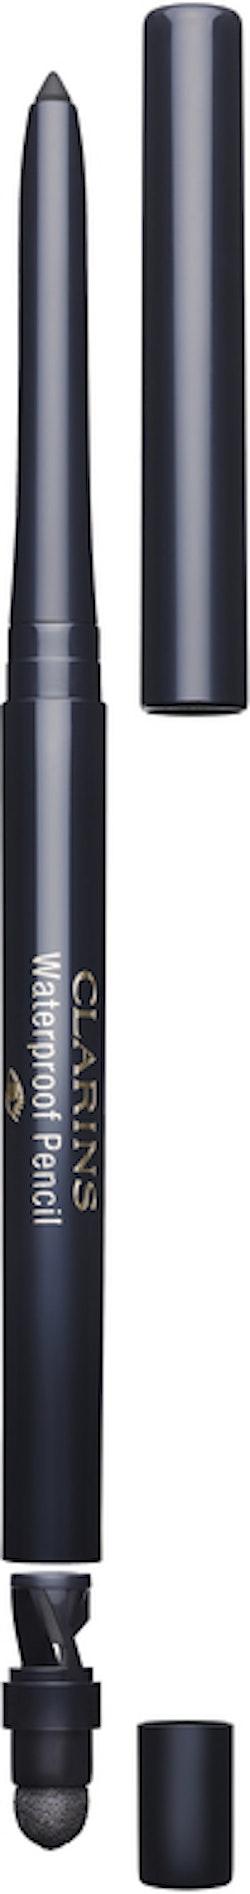 Clarins - Waterproof Eye Pencil